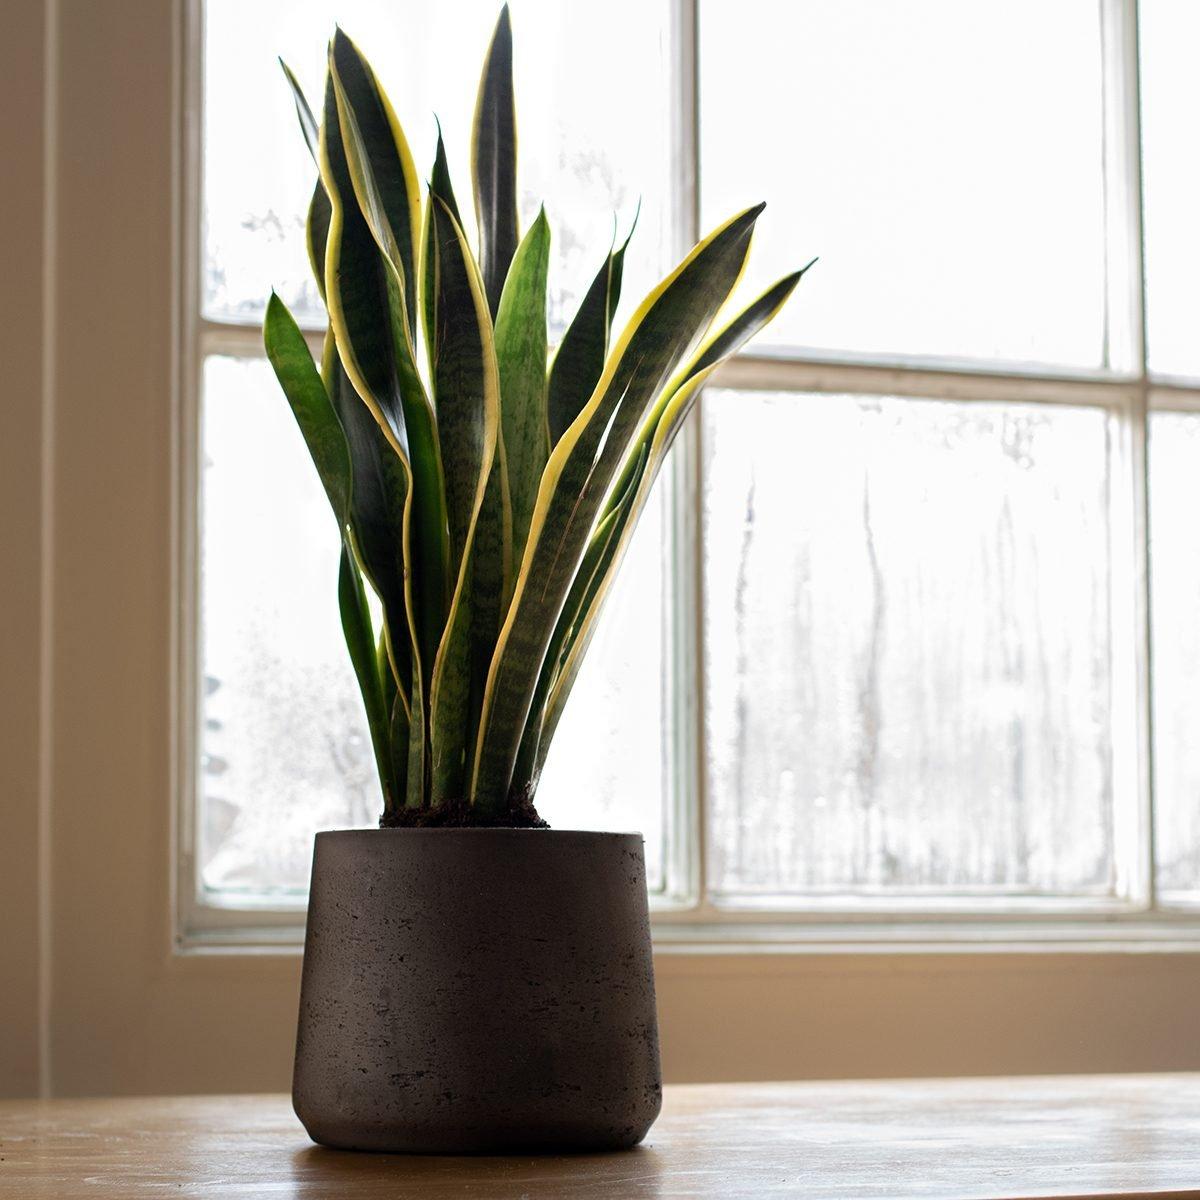 A Sansevieria trifasciata indoor plant, next to a nice white interior.